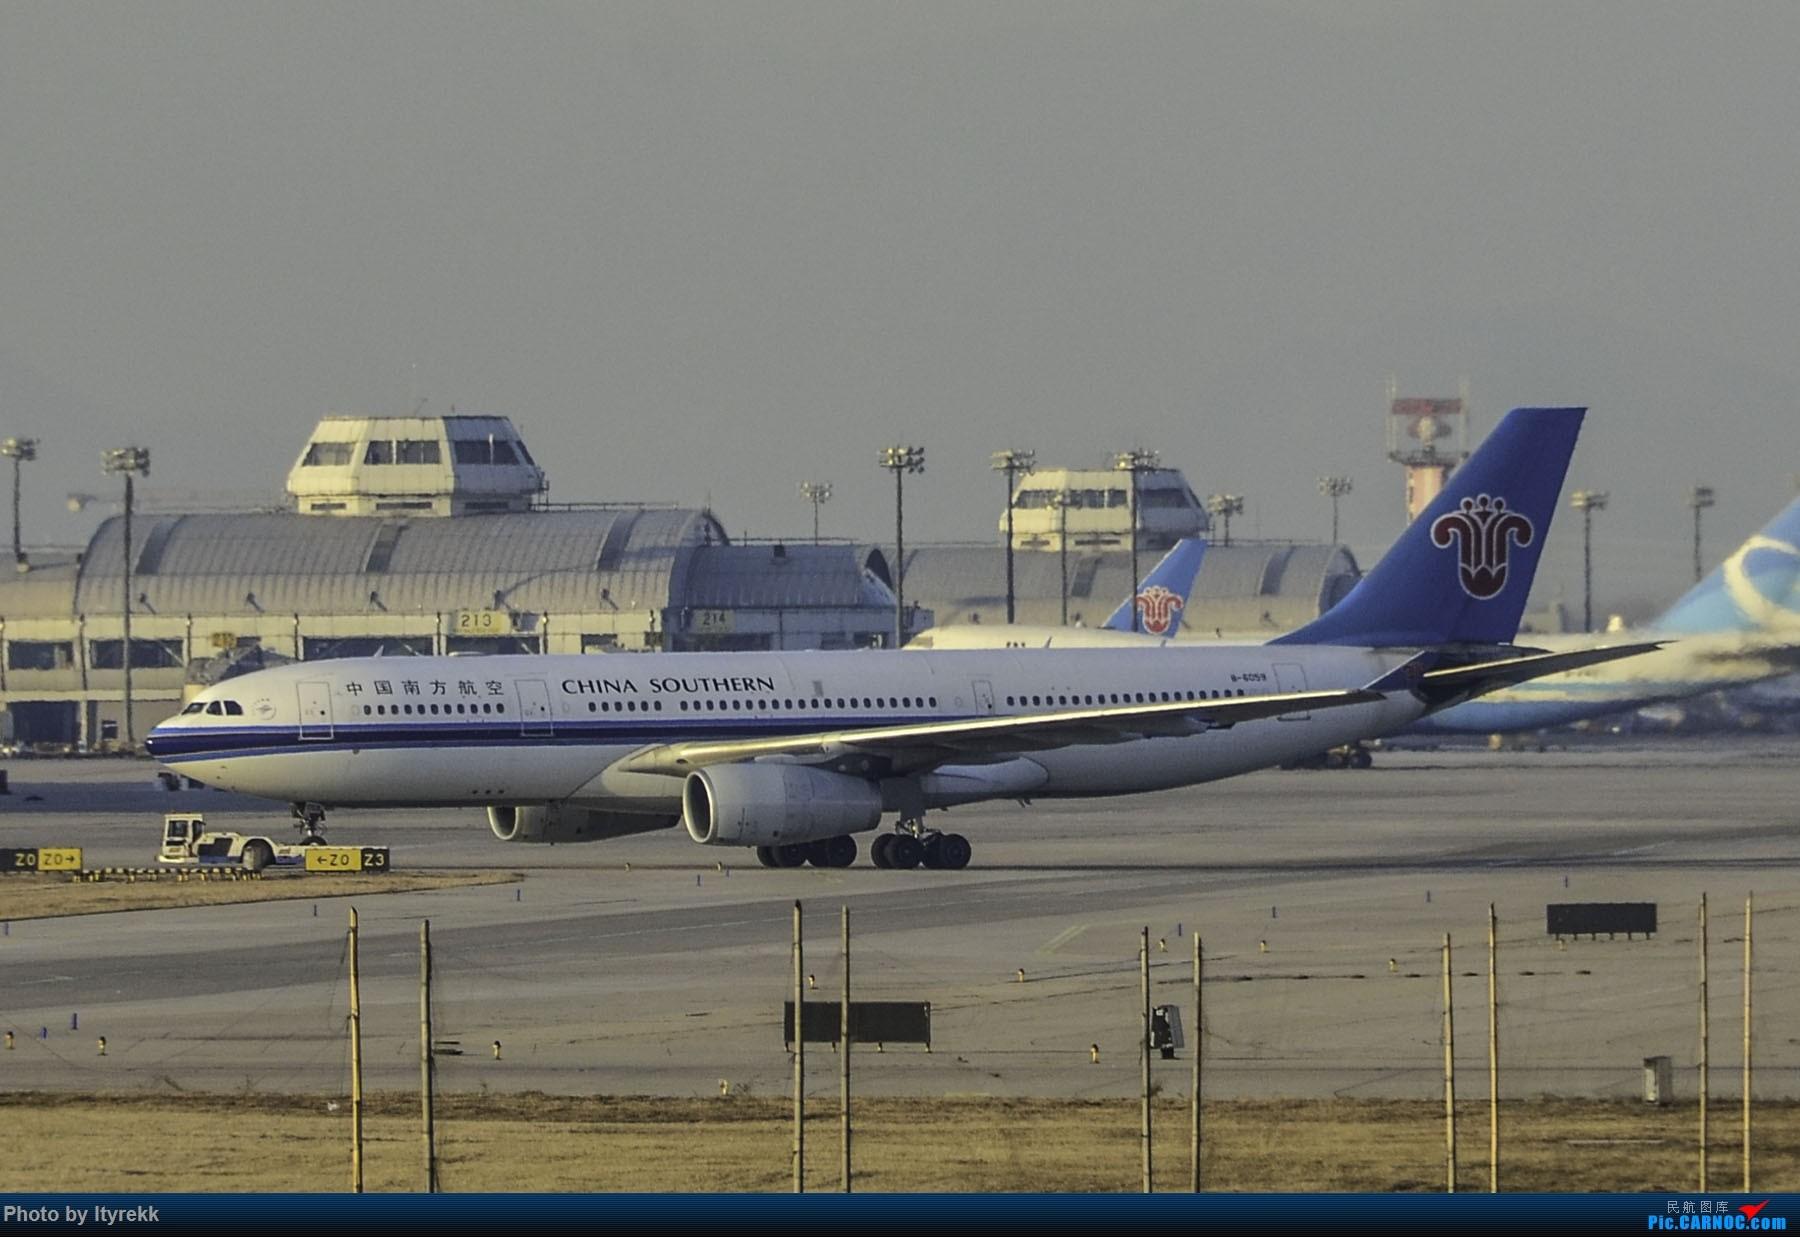 Re:[原创]PEK一日游 收获厦航首架789 B-1566等 AIRBUS A330-200 B-6059 中国北京首都国际机场